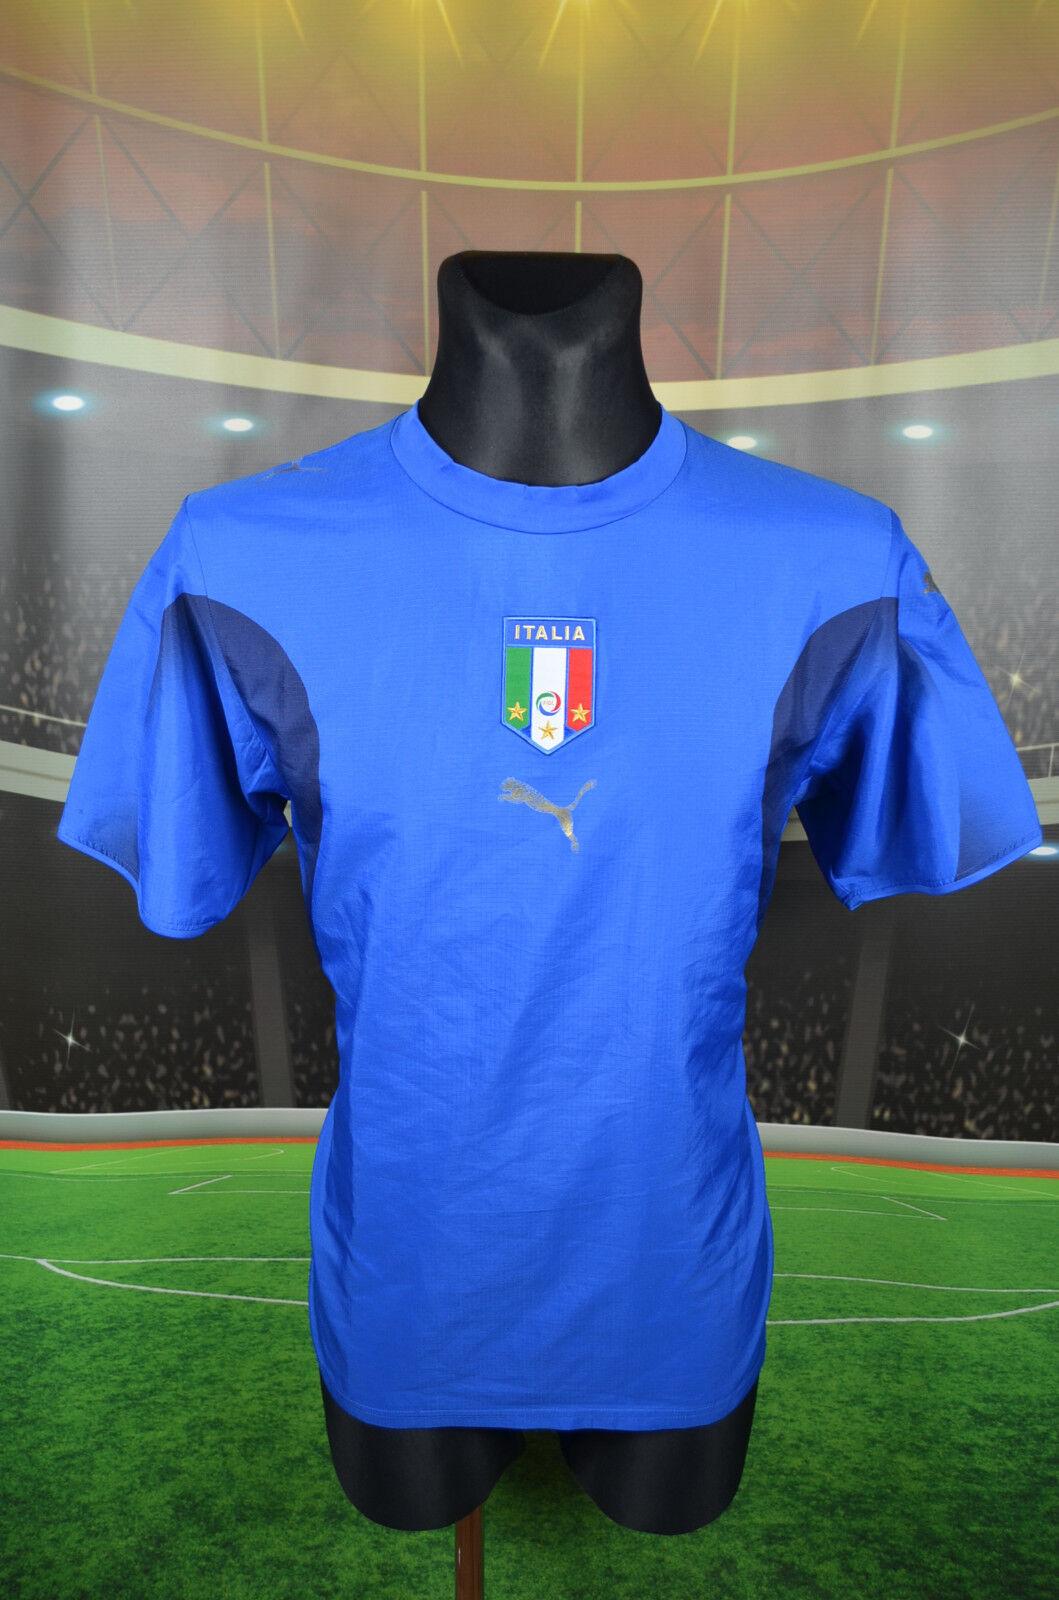 ITALIA Puma Calcio Home 2006 Shirt M in jersey Top ITALIA MAGLIA TRIKOT BLU